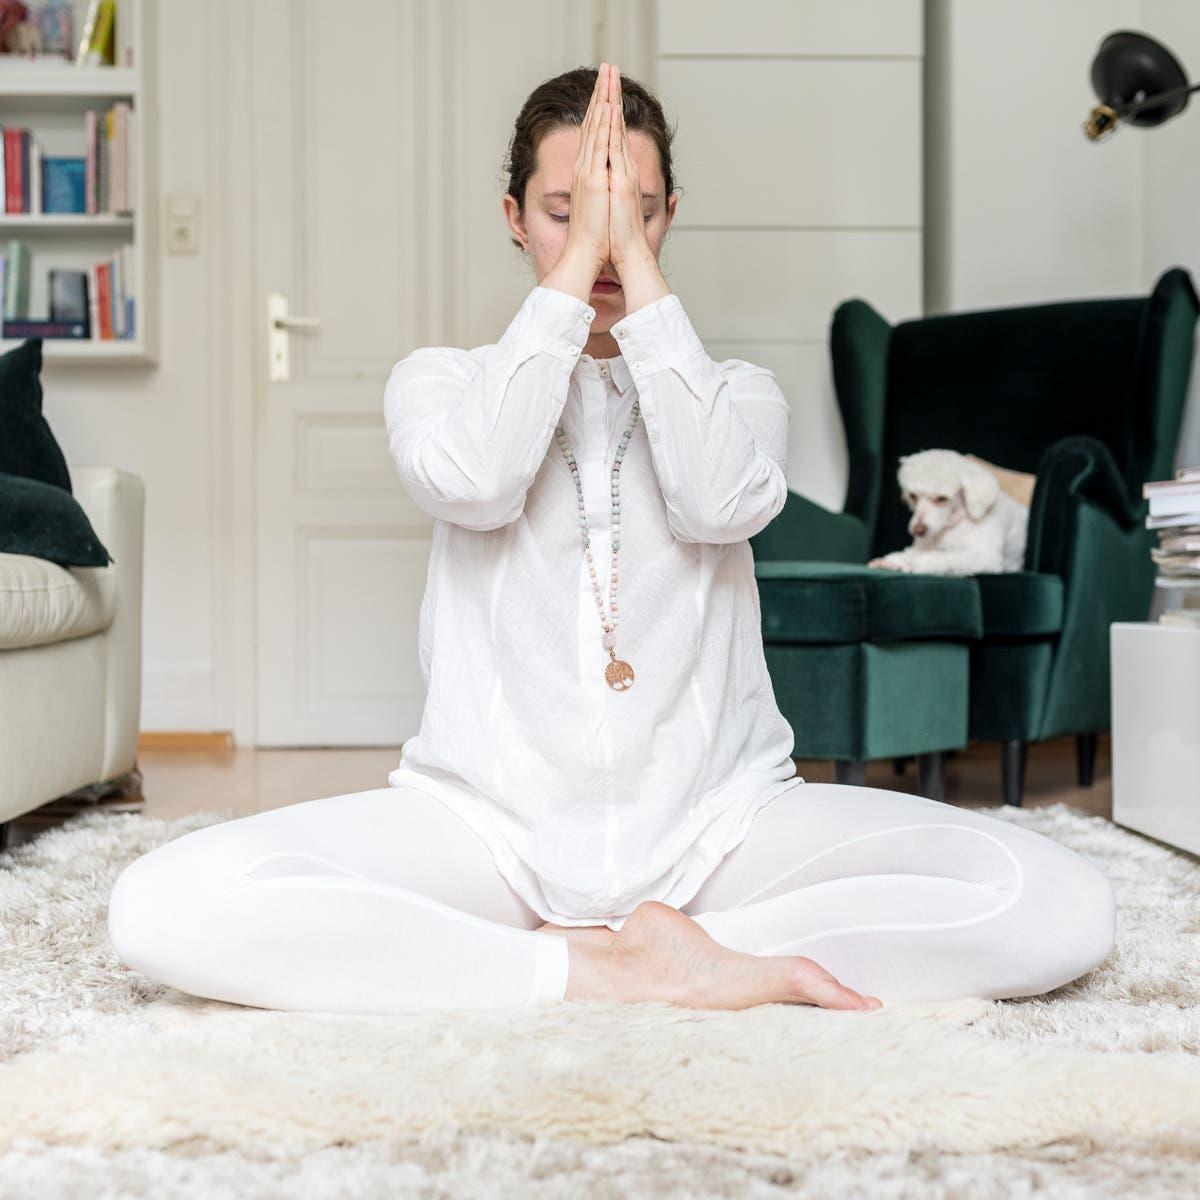 Frau sitzt im Schneidersitz meditierend auf einem weißen Teppich.